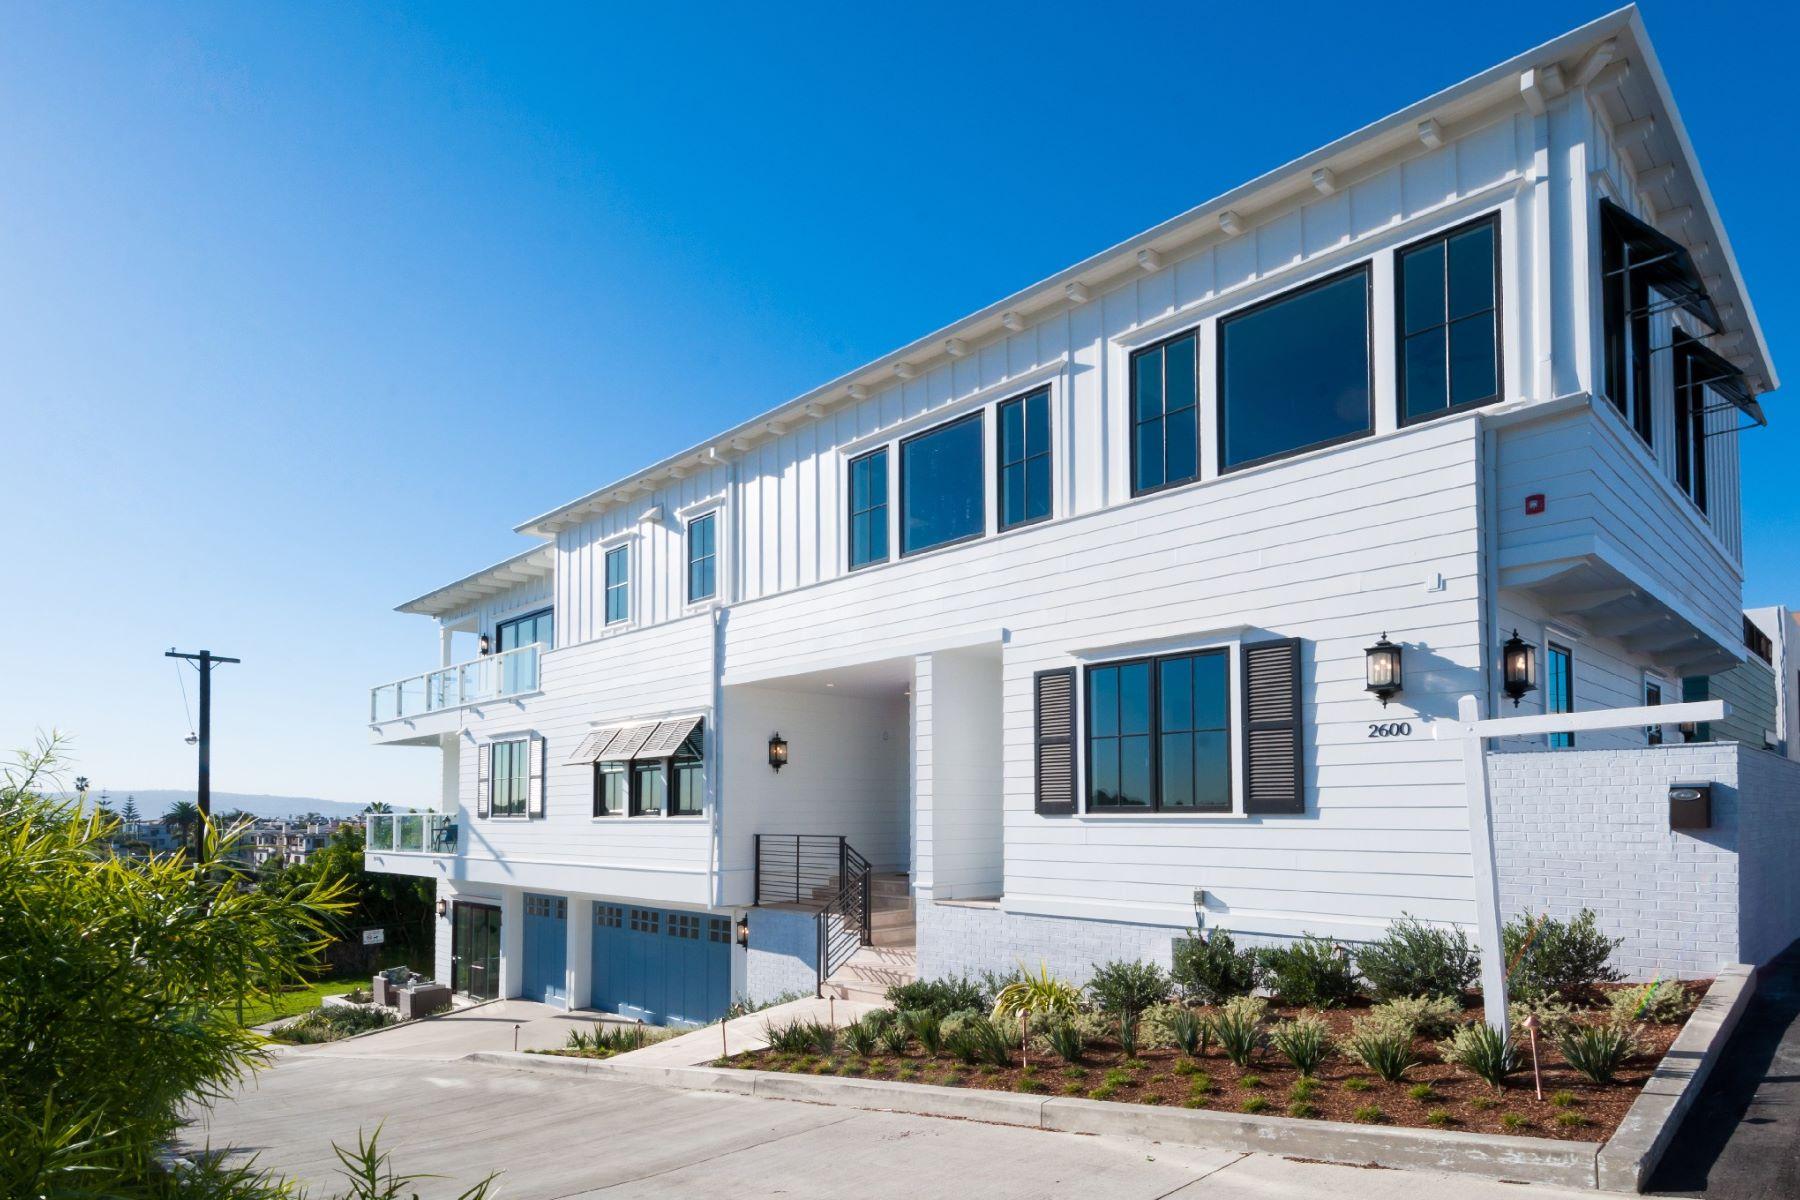 단독 가정 주택 용 매매 에 2600 Grandview Ave Manhattan Beach, 캘리포니아, 90266 미국